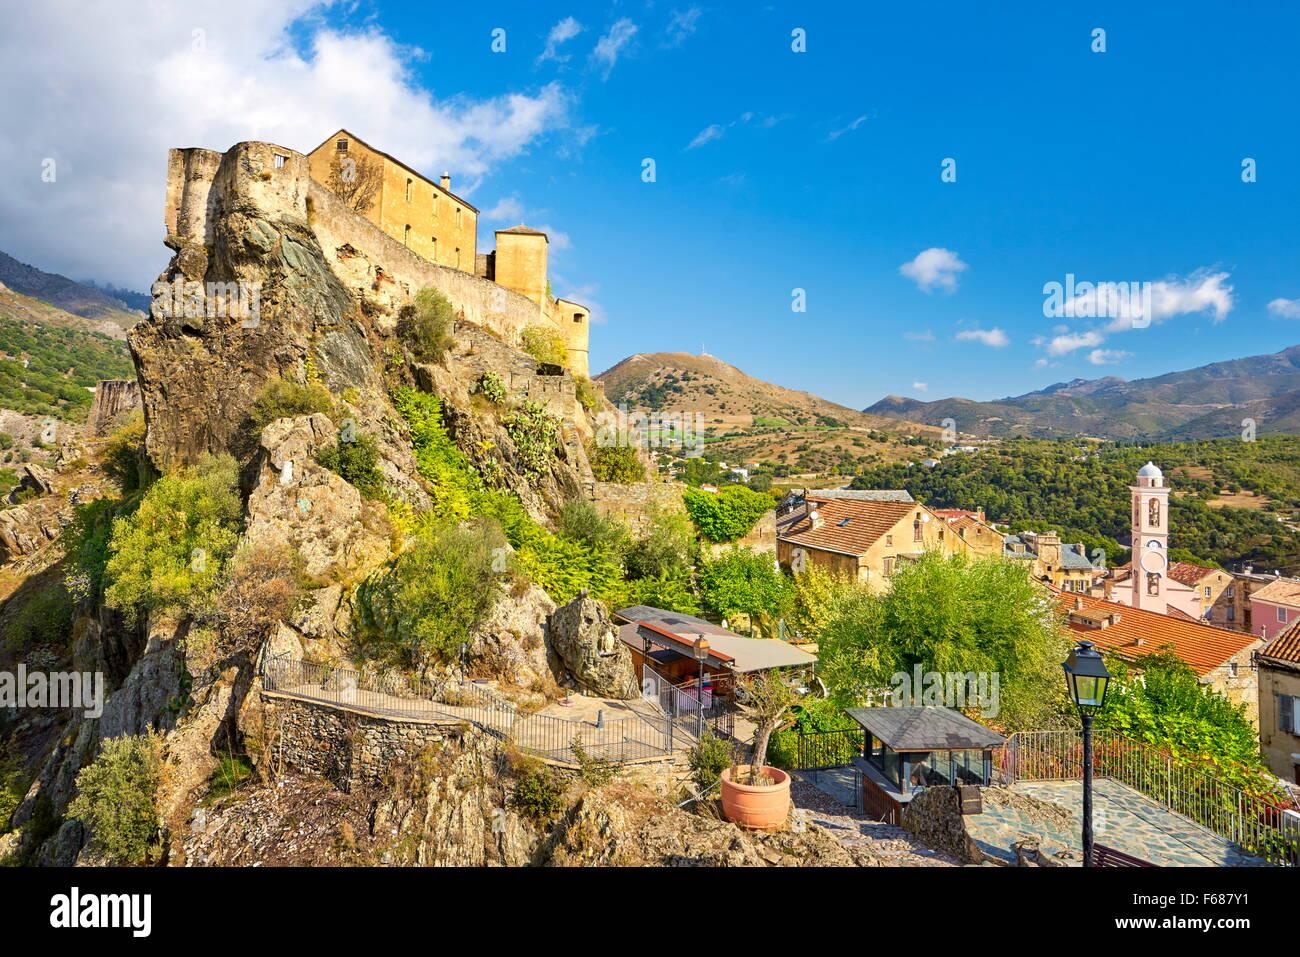 Corte, la cittadella nella Città Vecchia, Corsica, Francia Immagini Stock